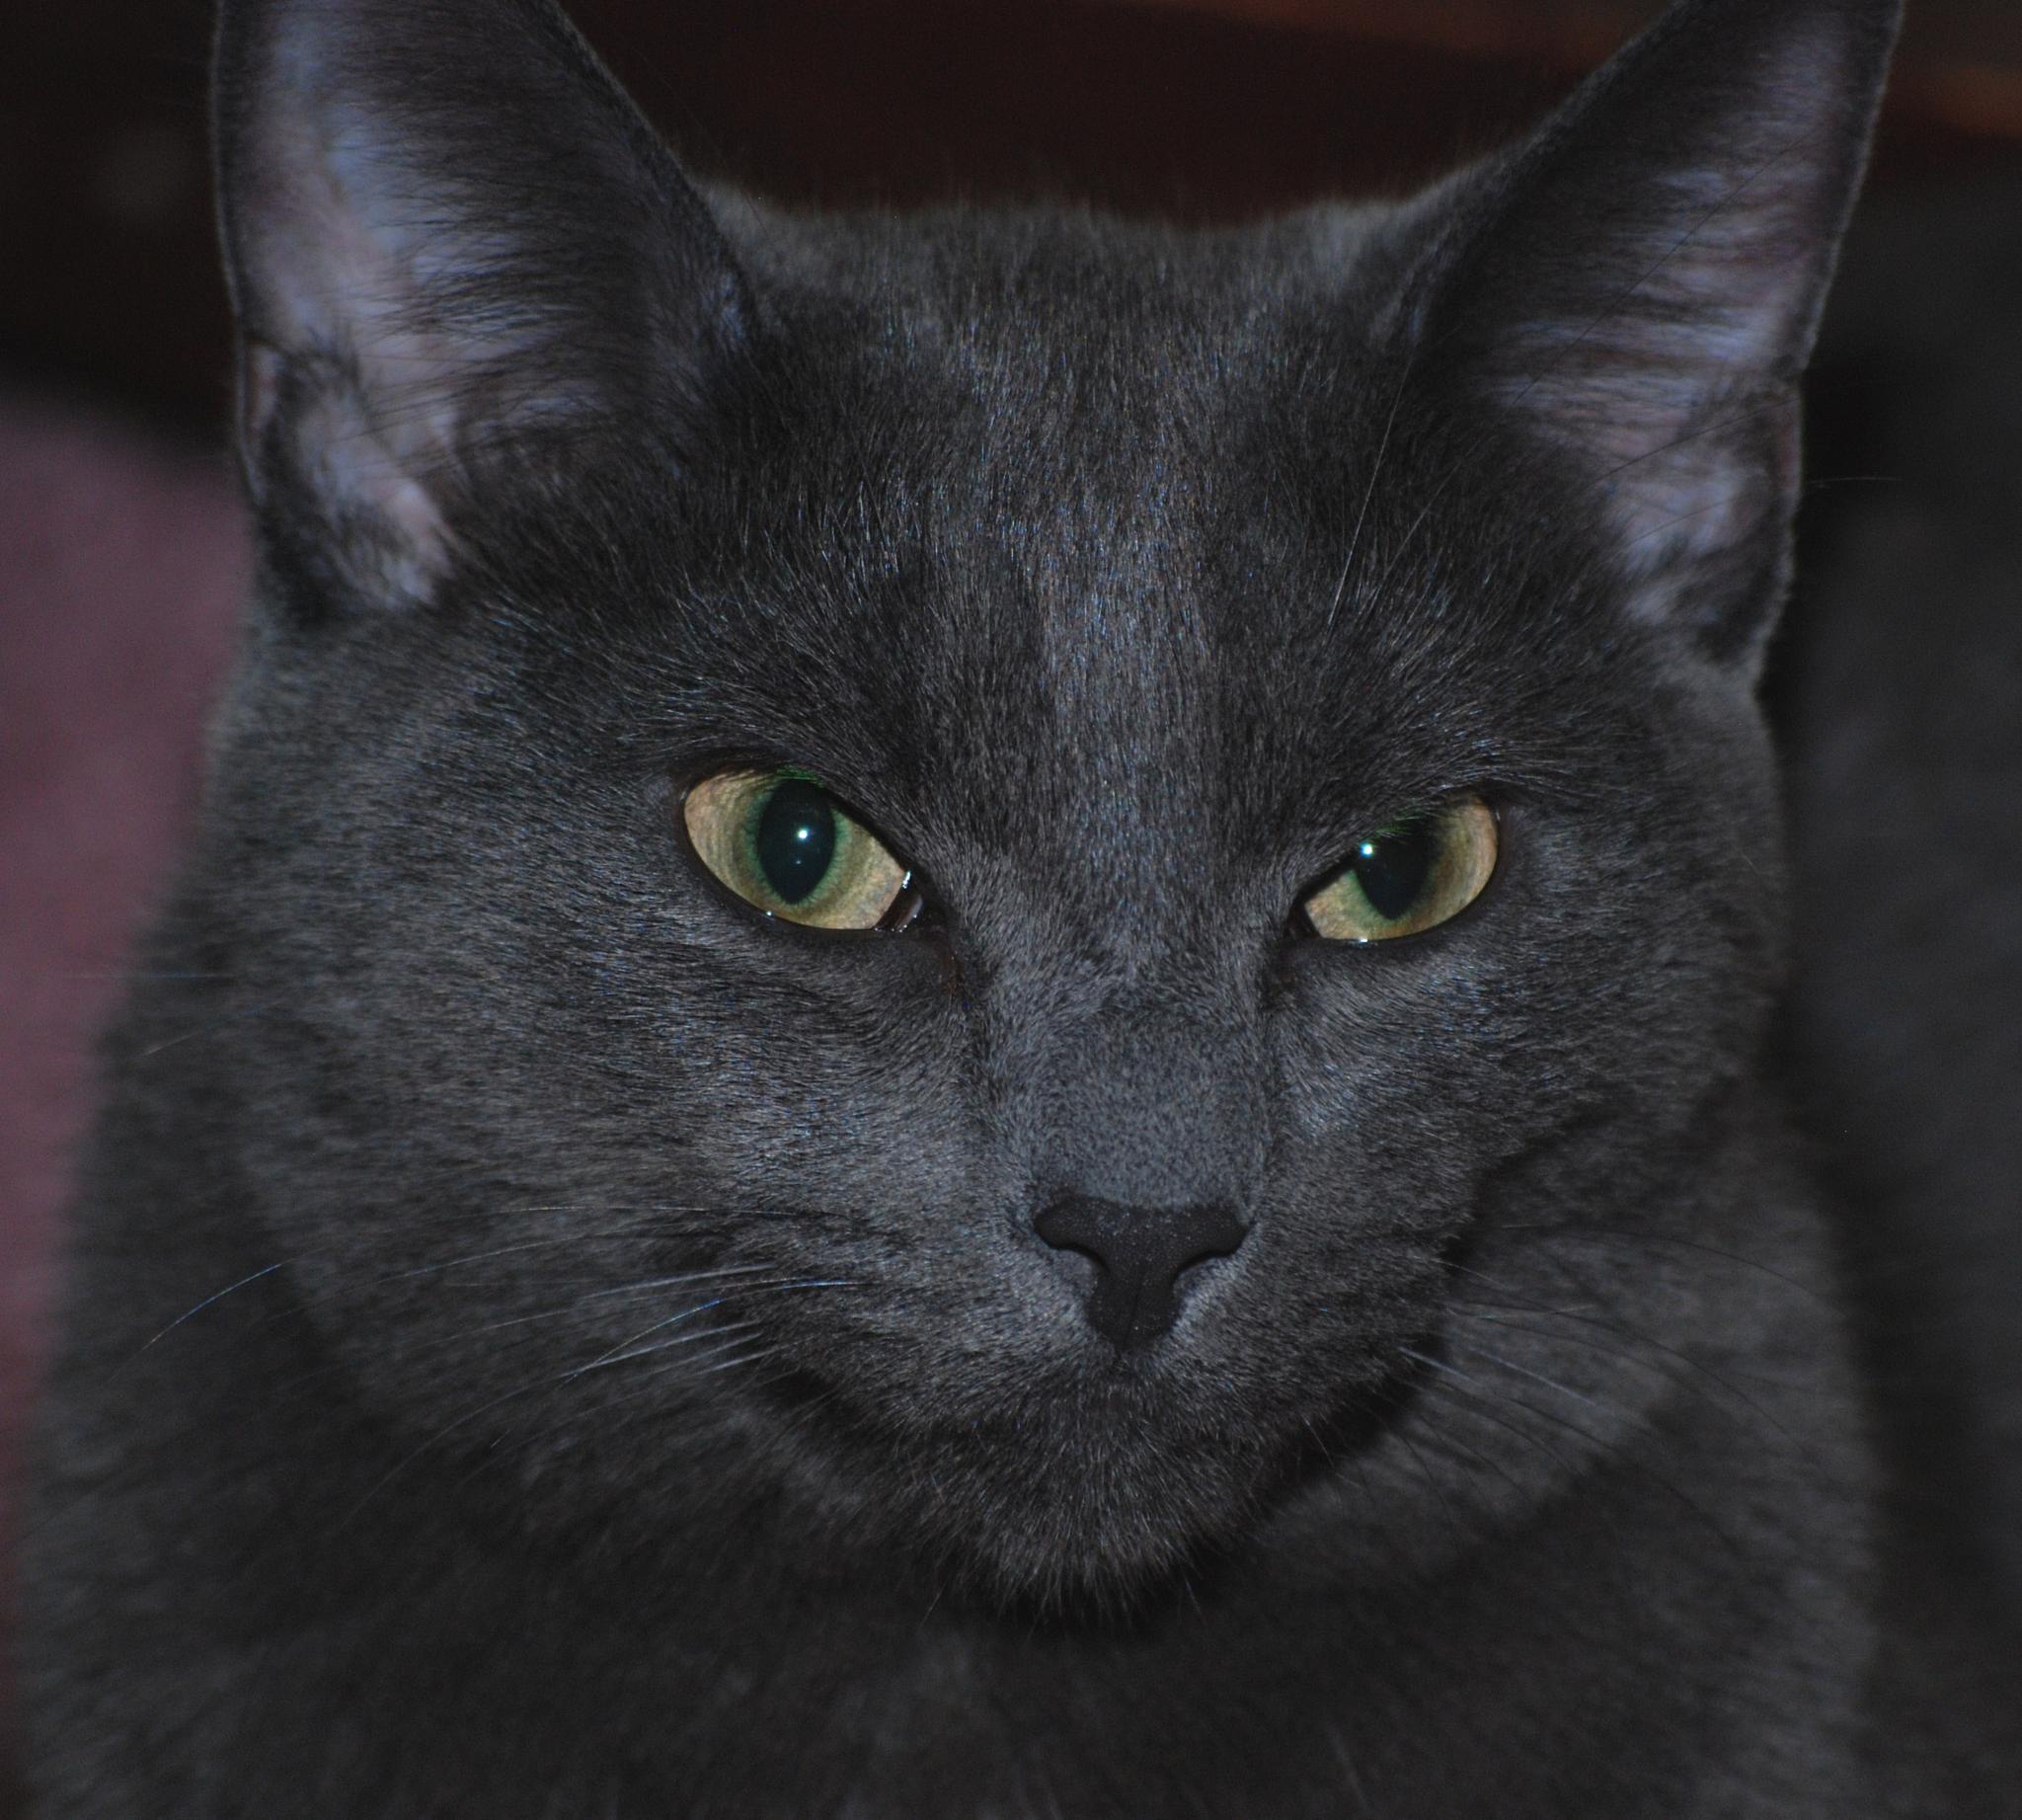 Cat by Doug Fosnight